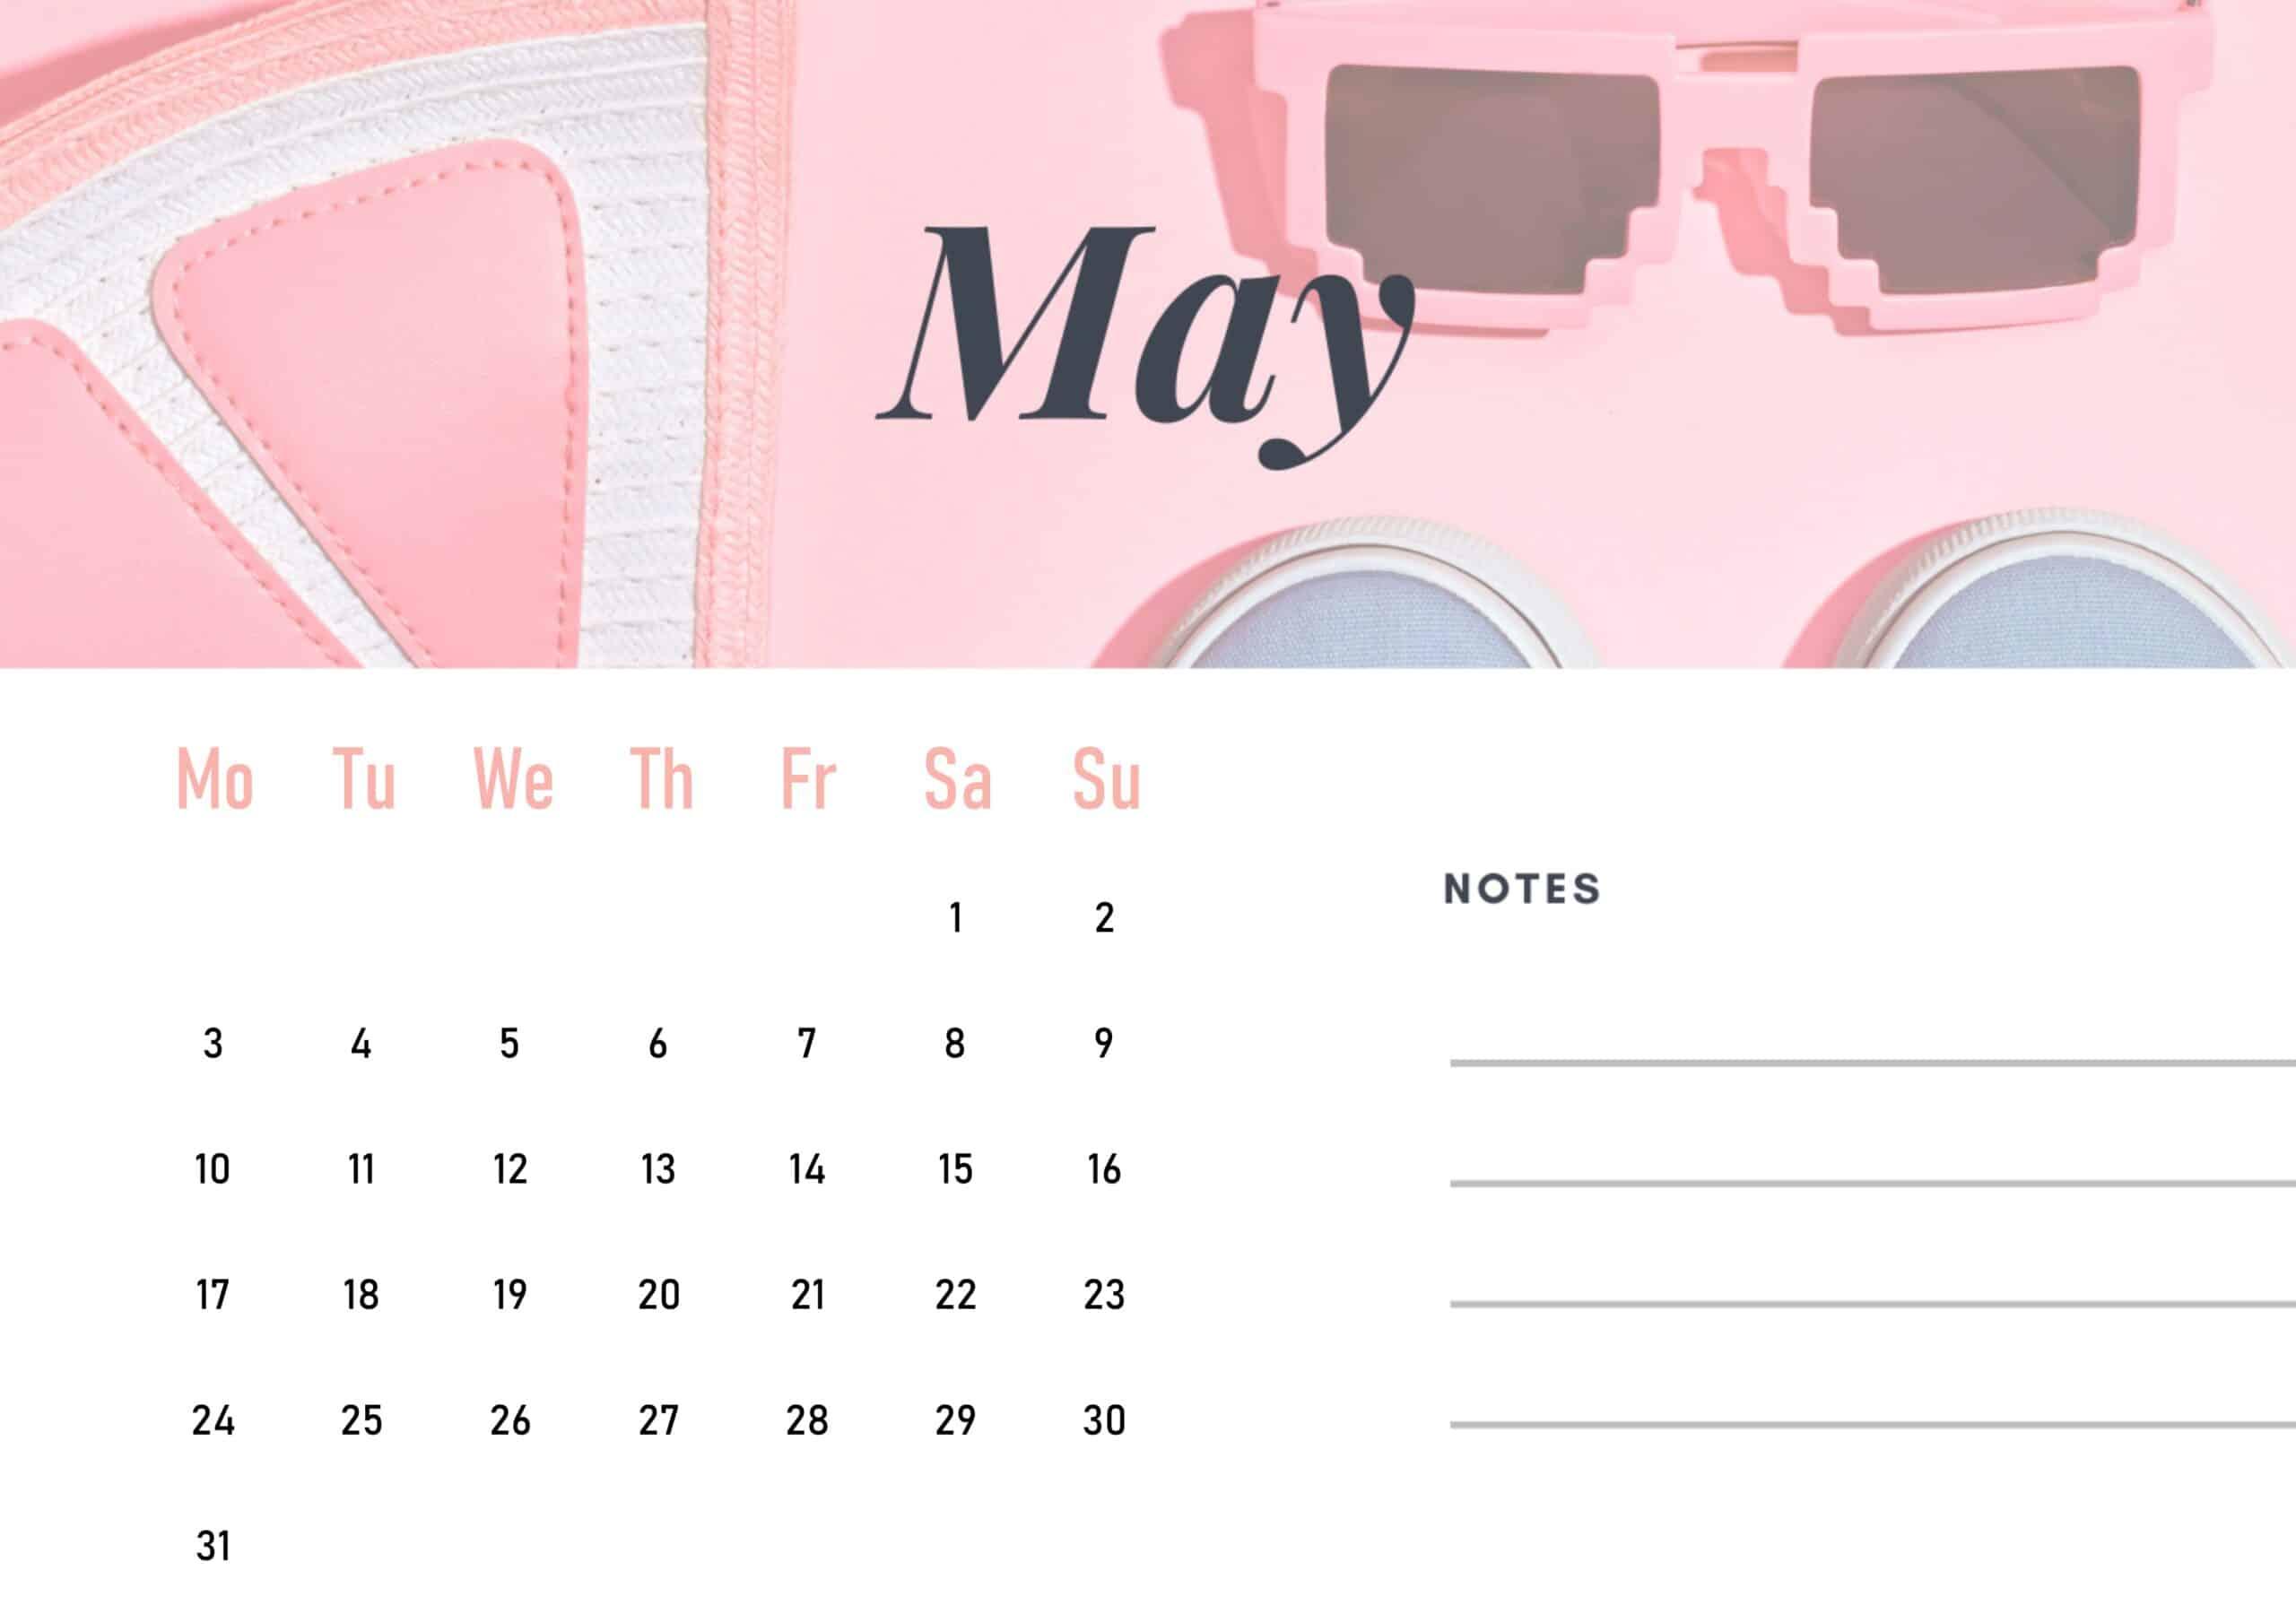 Cute May 2021 Calendar Wallpaper download